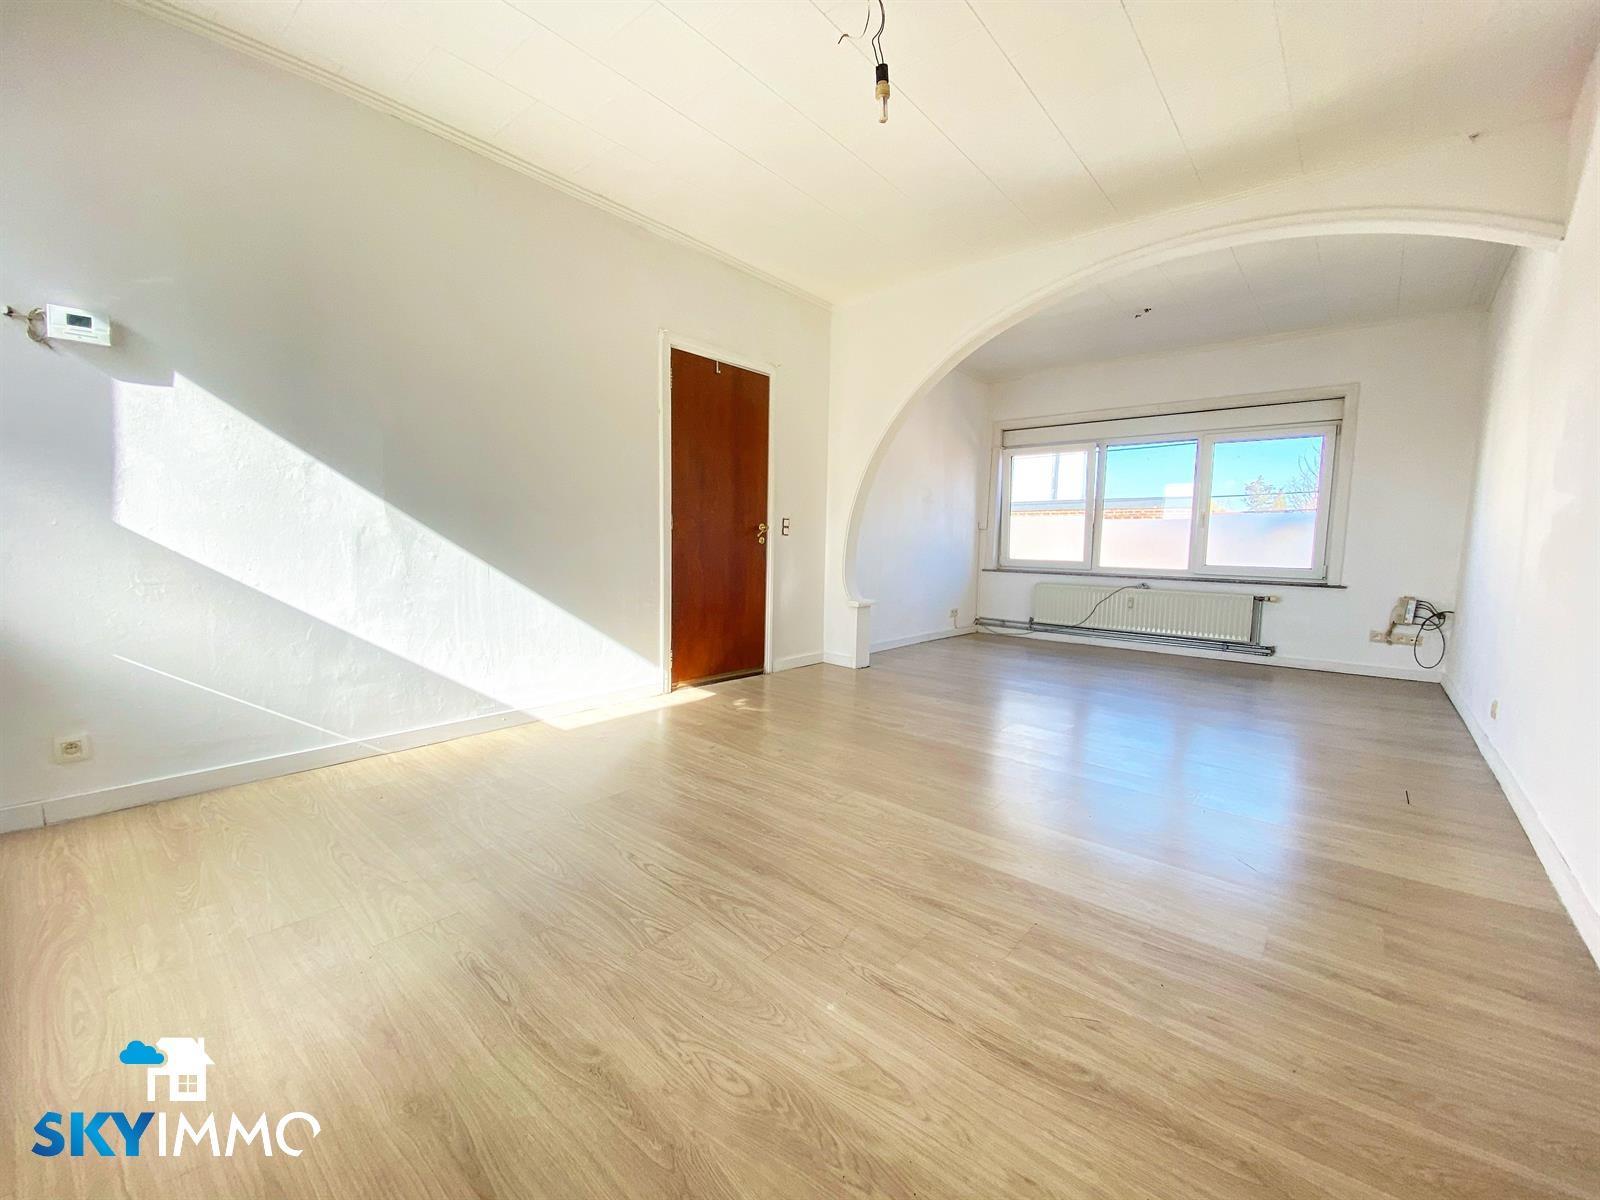 Bel-étage - Flemalle - #4295119-15